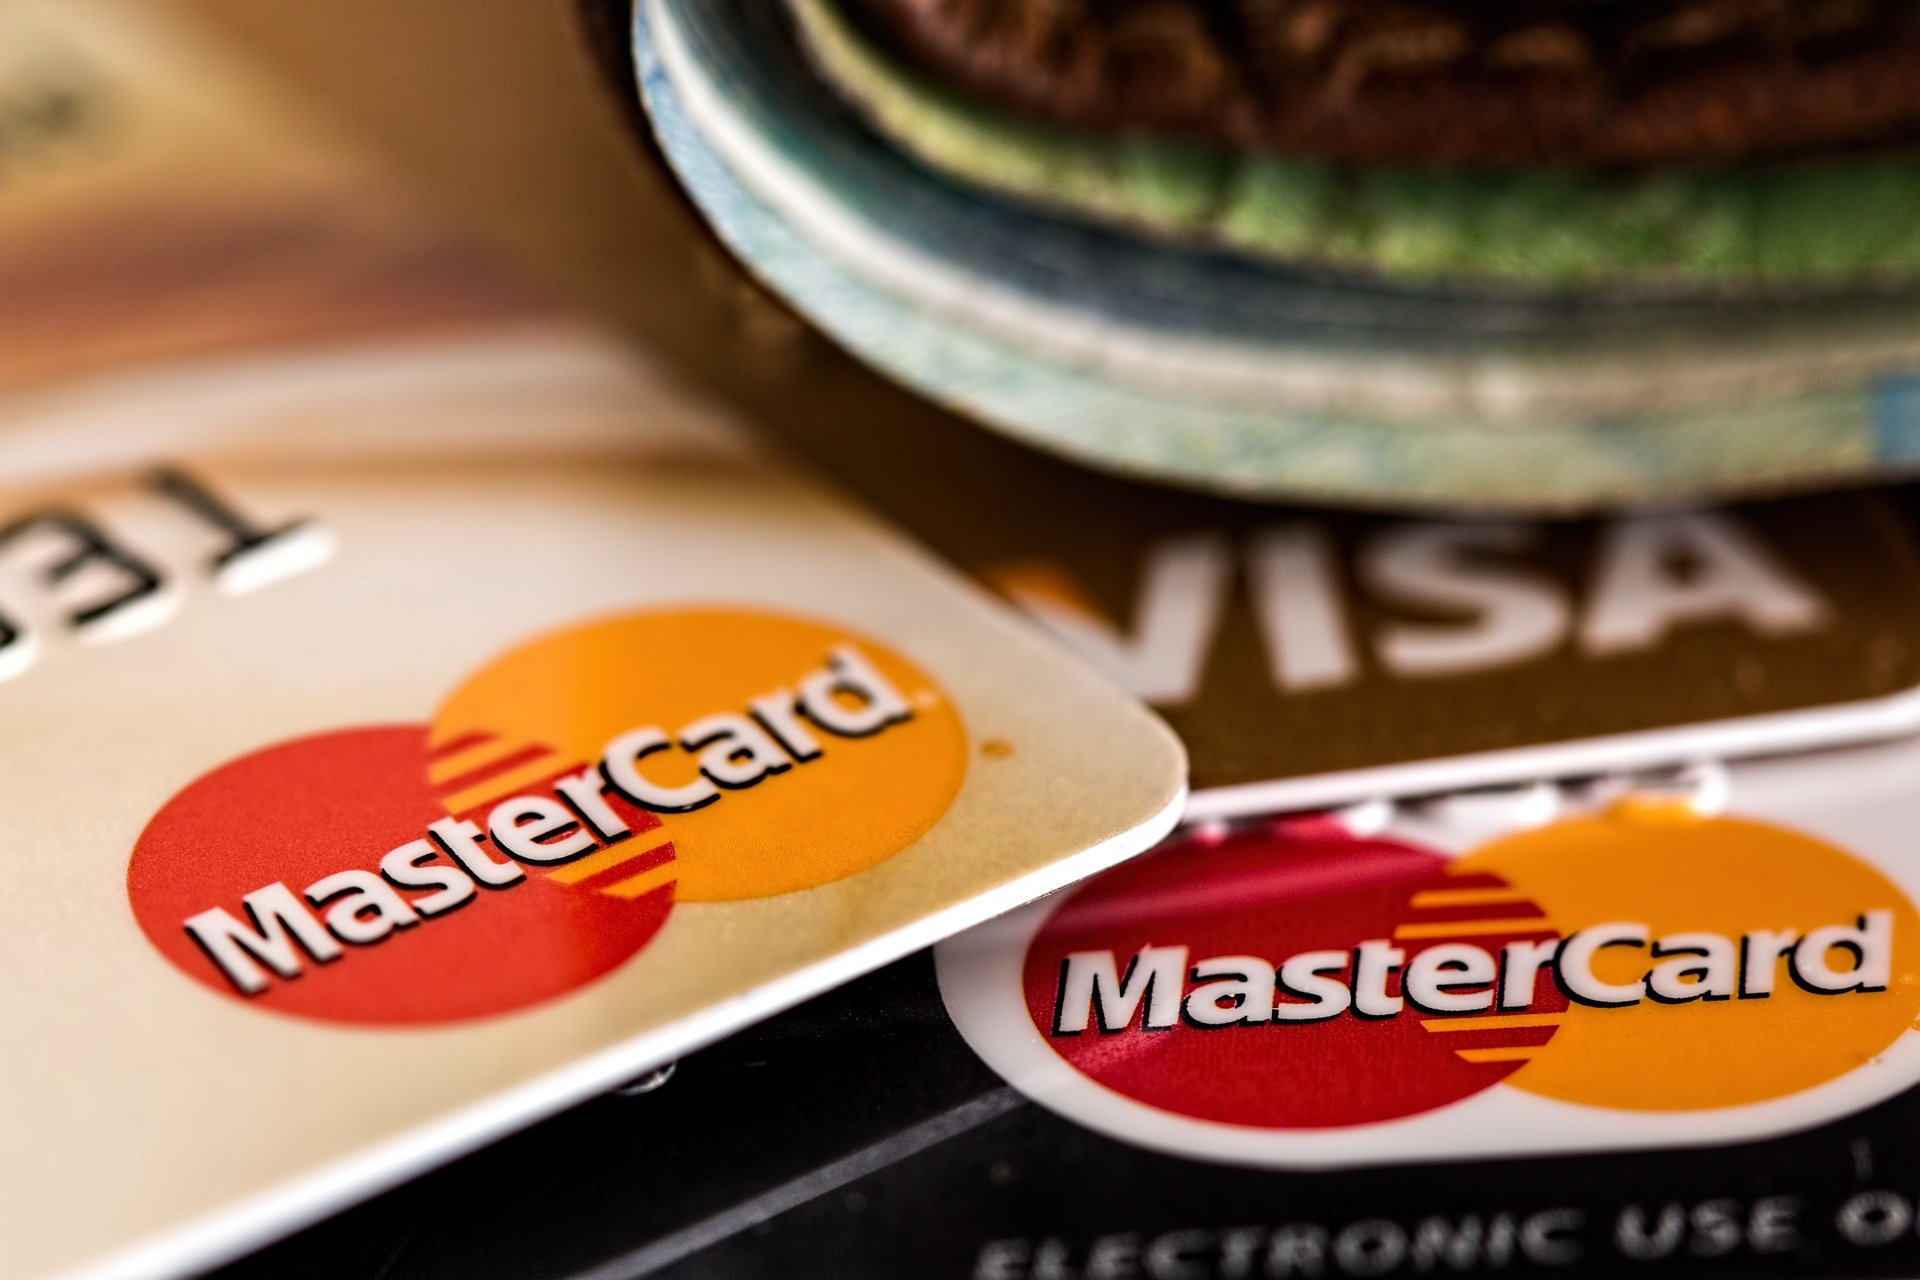 Kreditkarten - Shopping- und Einkaufsmöglichkeiten in Ecuador und auf den Galapagos-Inseln